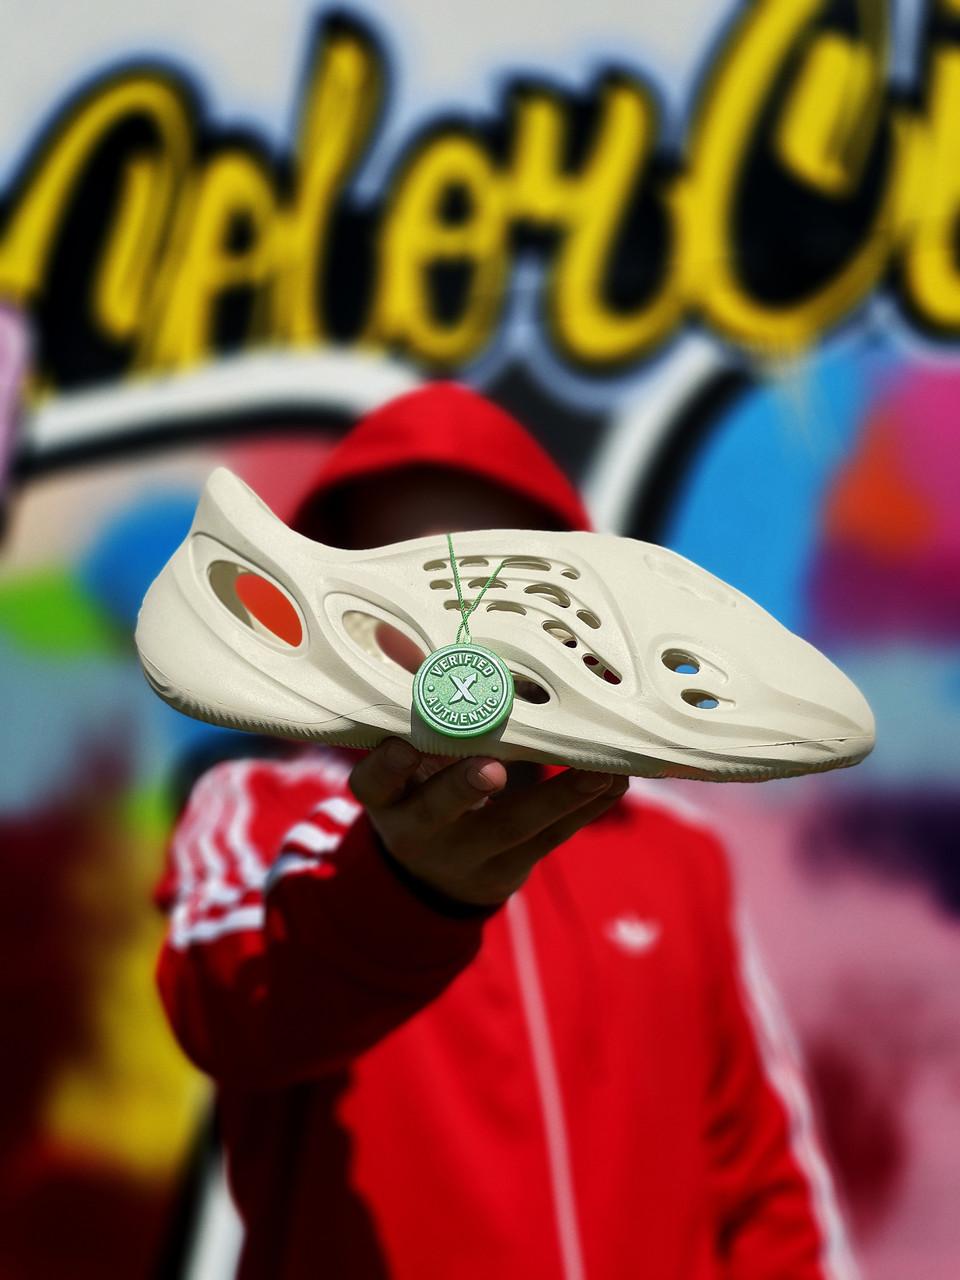 Тапочки жіночі Adidas Yeezy Foam RNNR Sand / Адідас Ізі Фом РННР Сенд Білі, Реплика